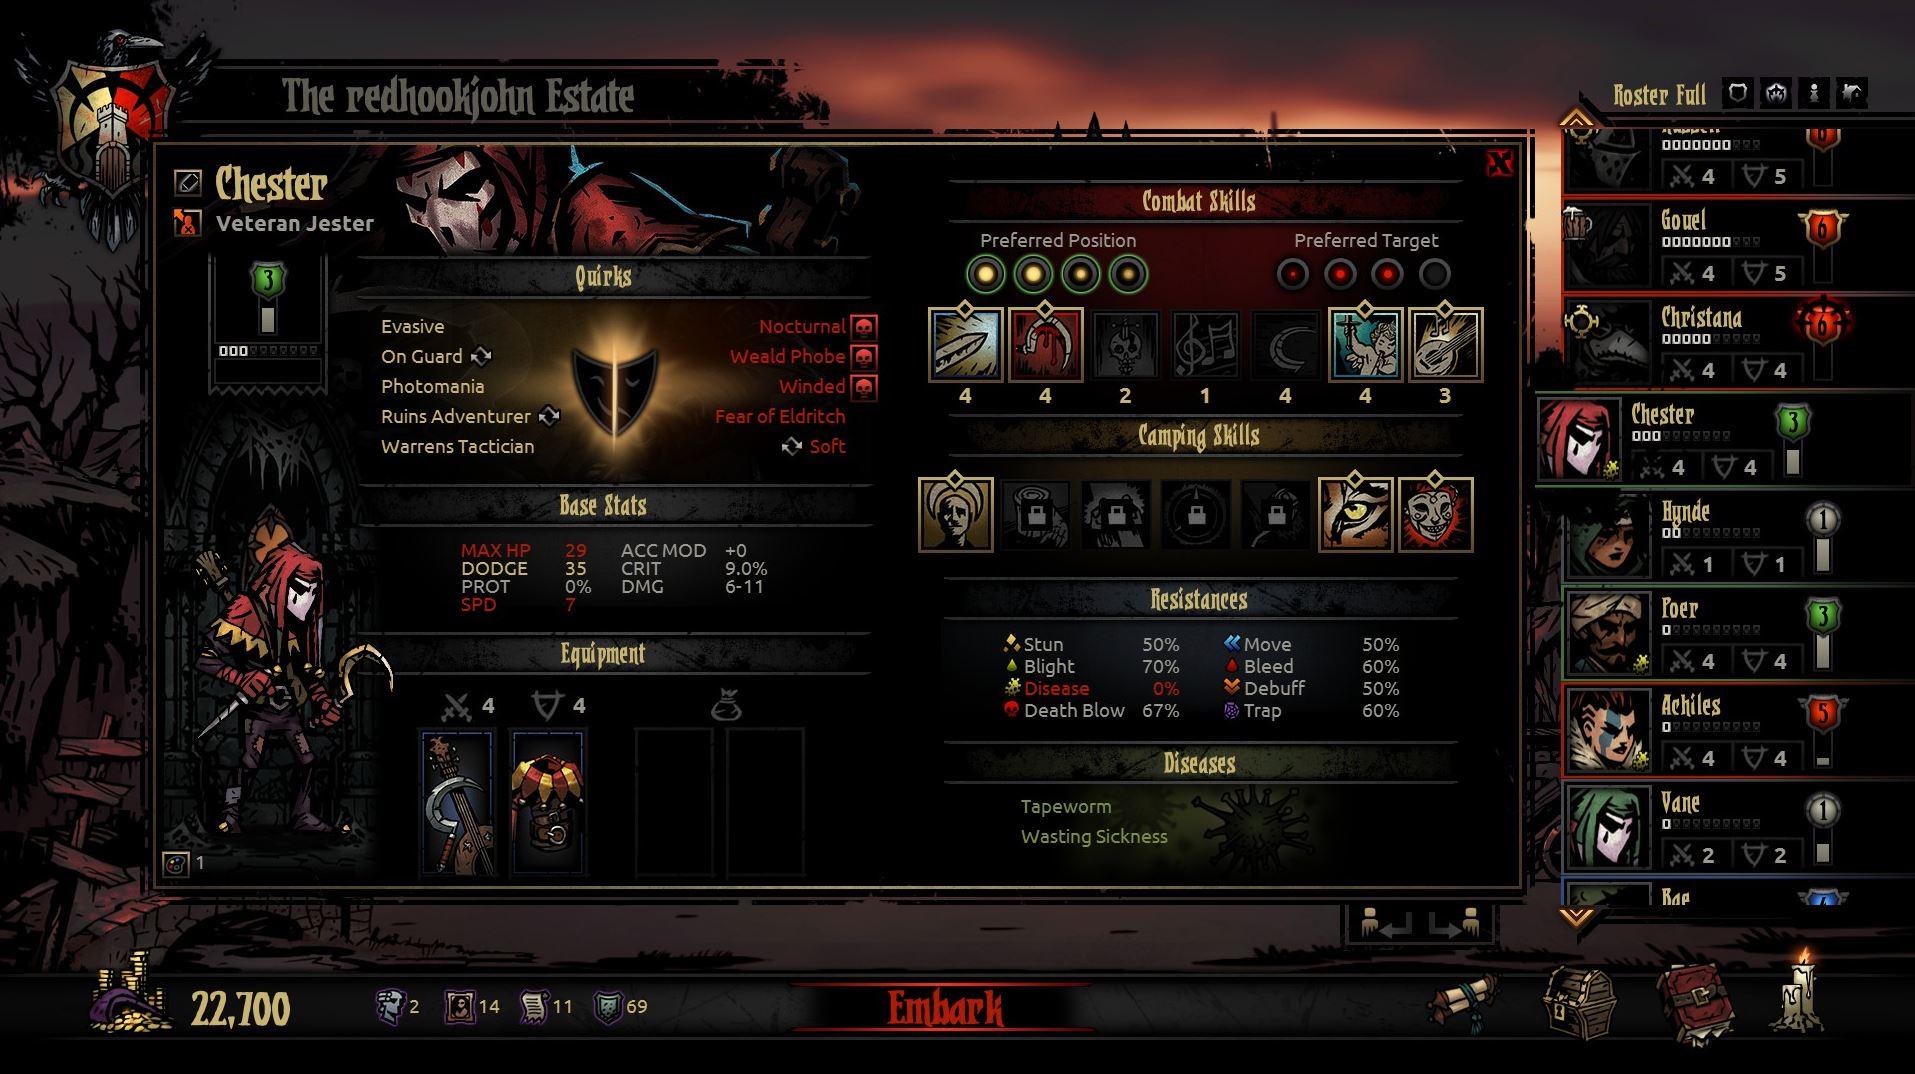 Choć Darkest Dungeon było swego czasu rozdawana w Epic Games Store, spóźnialscy mają kolejną okazję by zagrać, dzięki Xbox Game Pass.